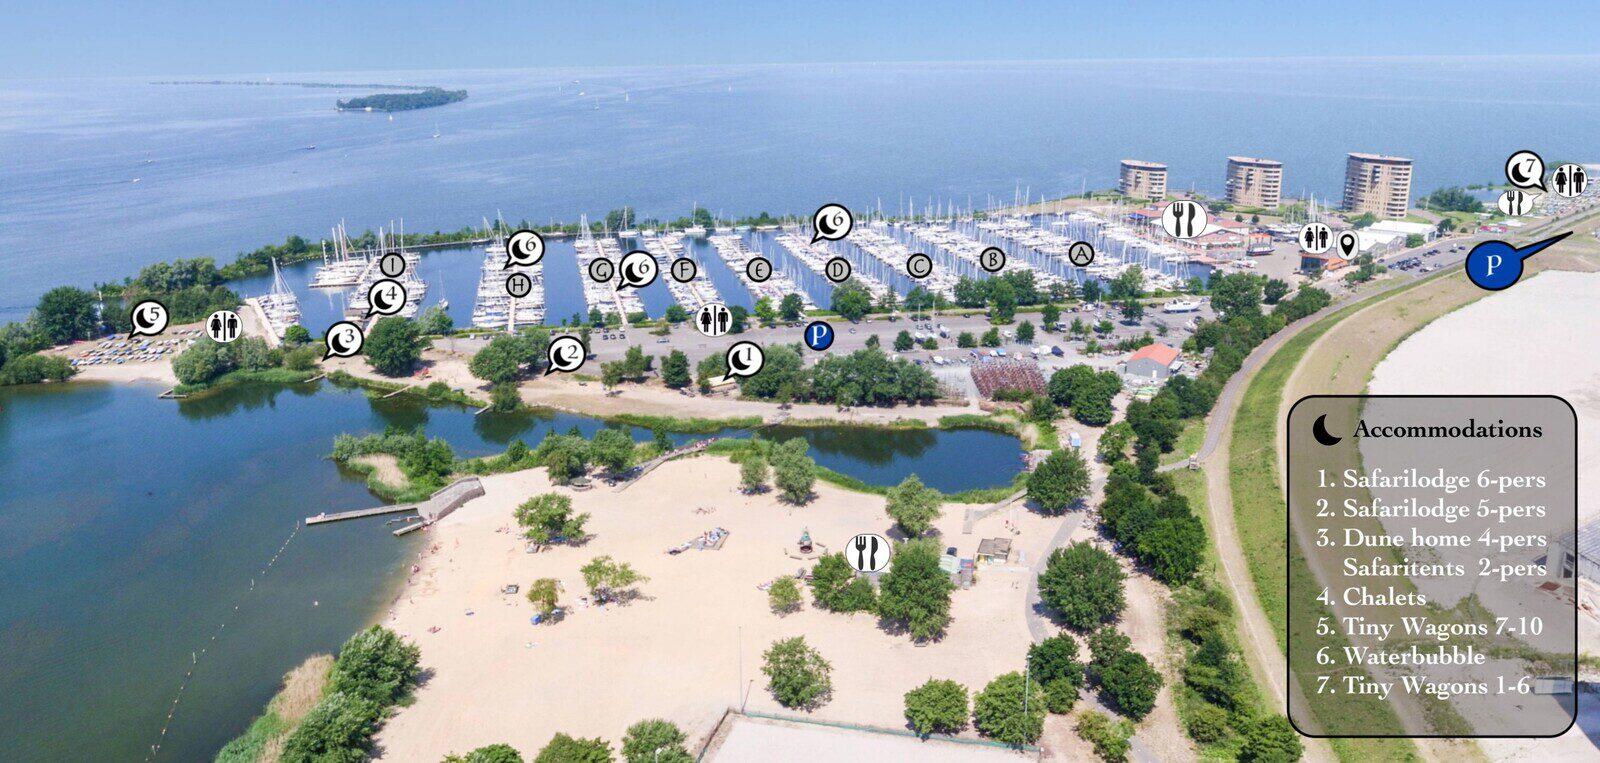 Water Bubble Jachthafen Muiderzand Almere